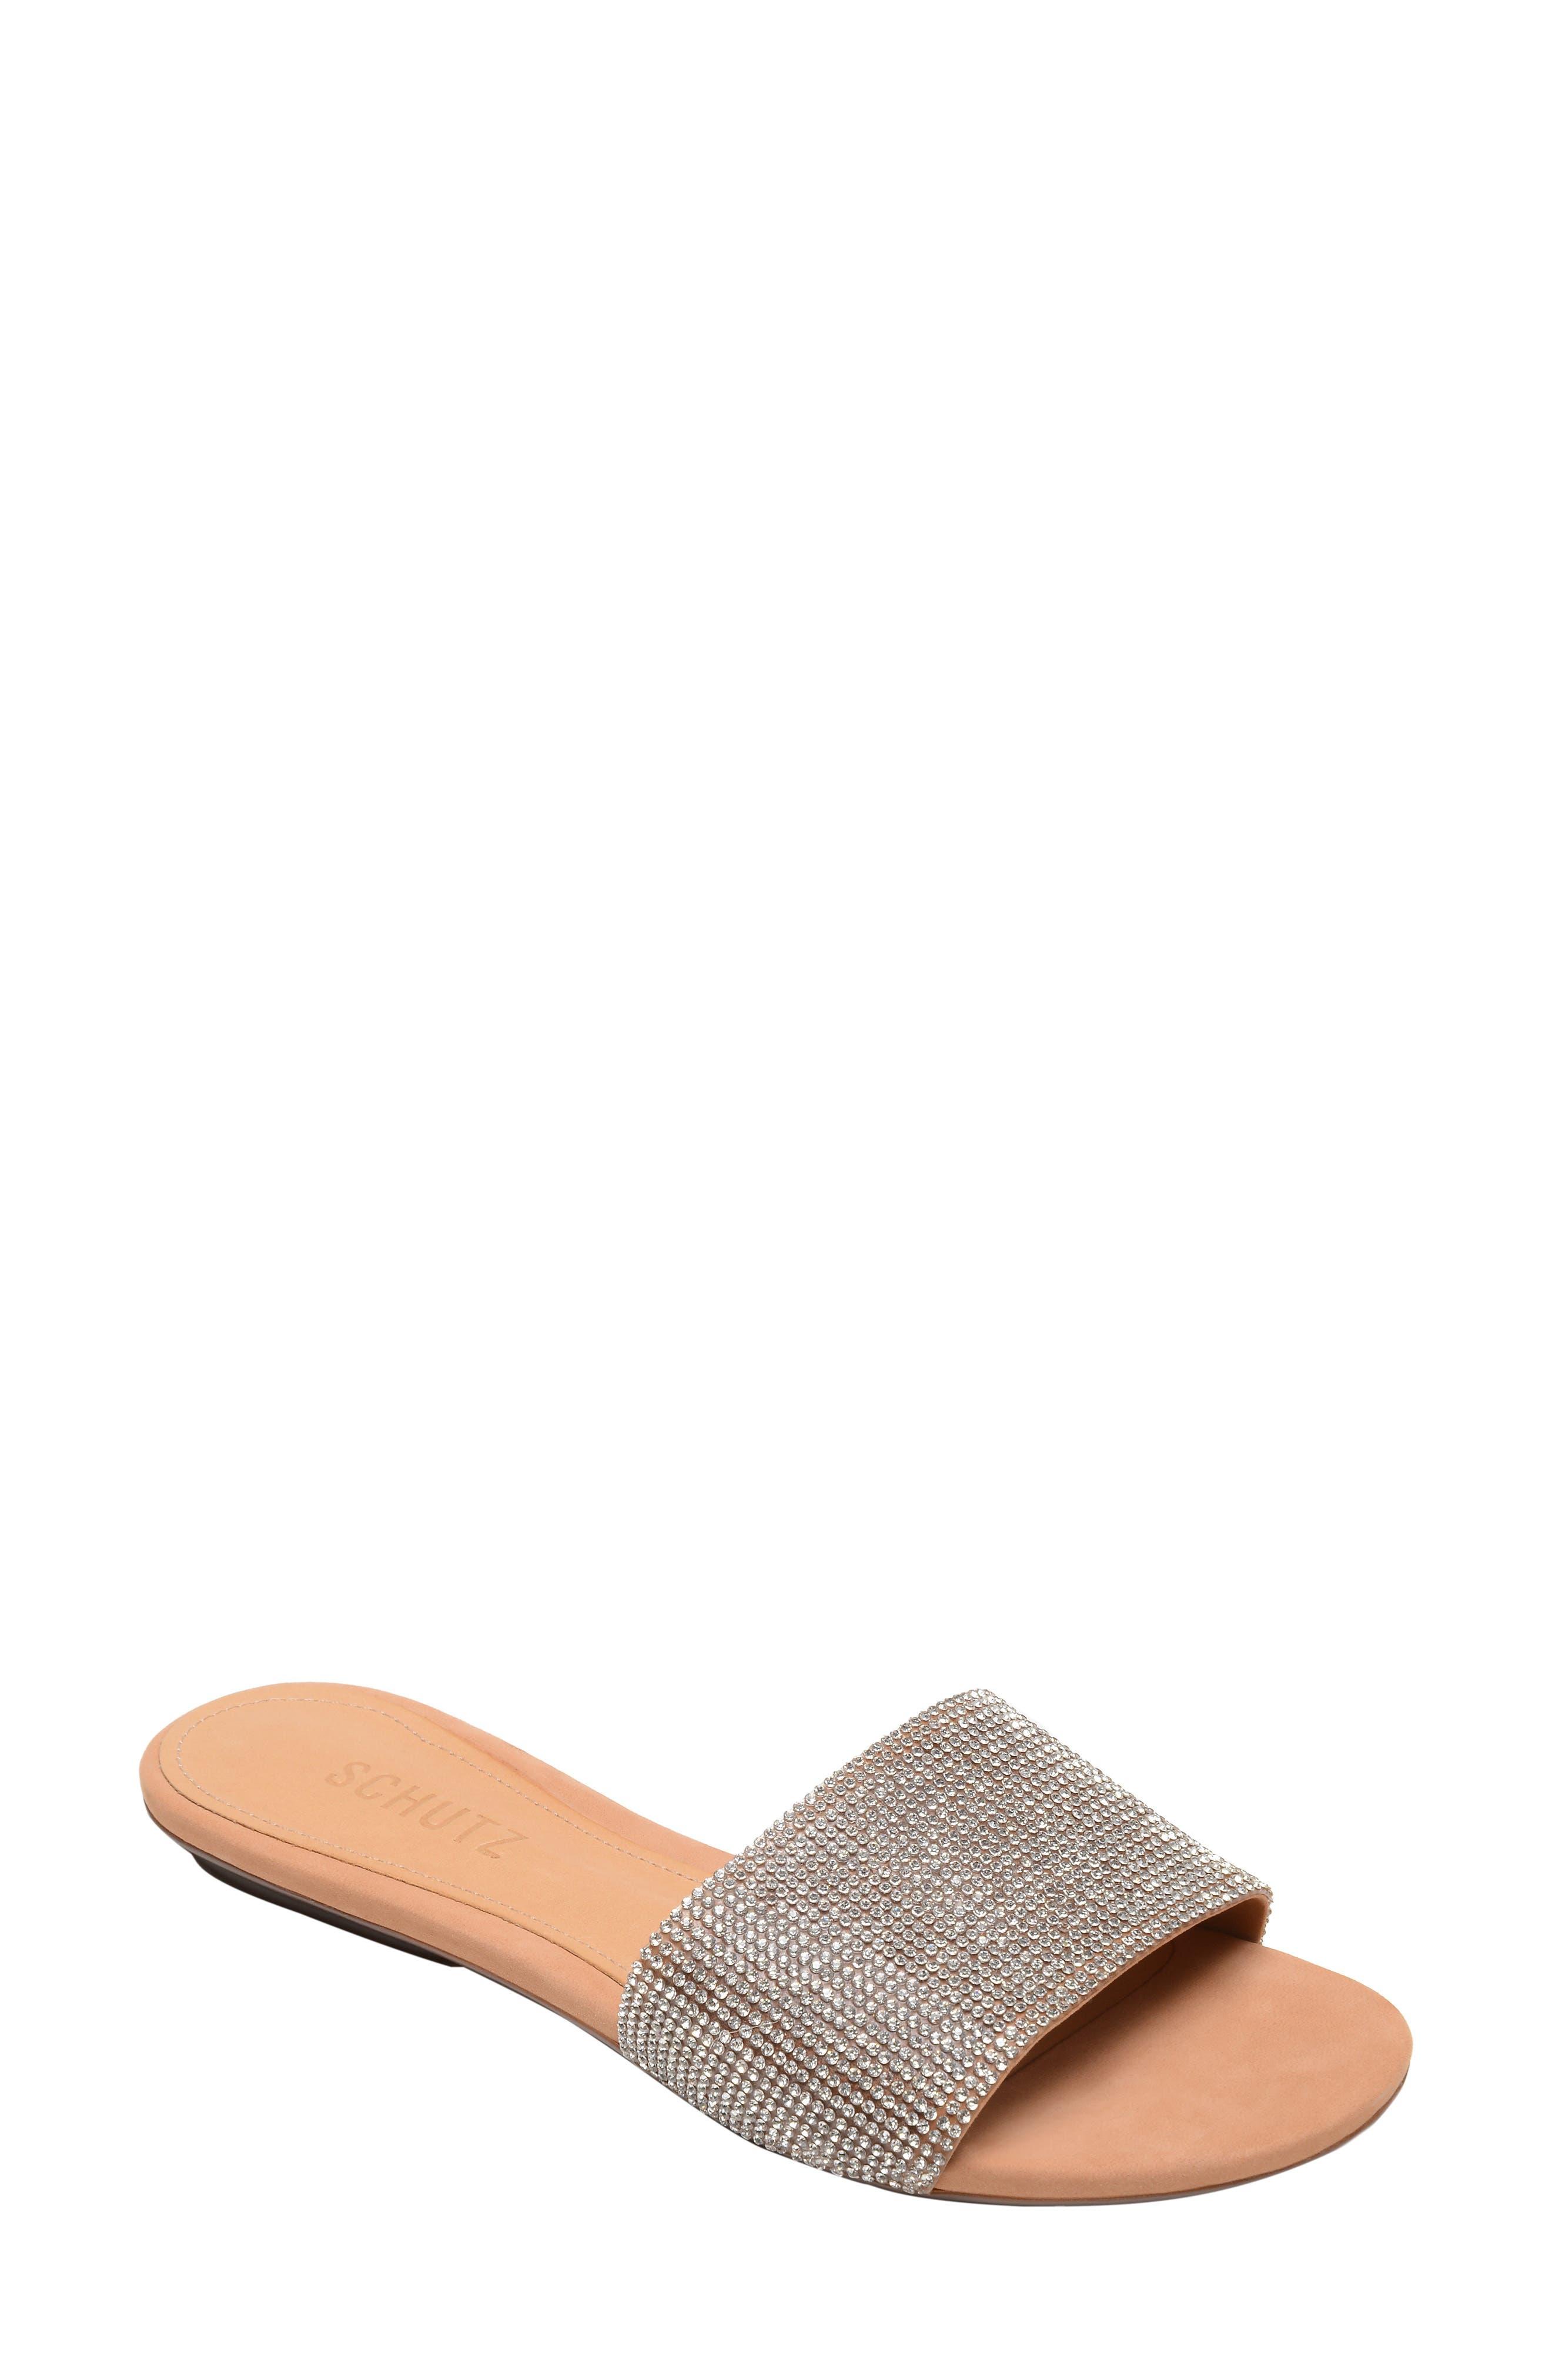 Queren Embellished Slide Sandal,                             Main thumbnail 1, color,                             CRISTAL